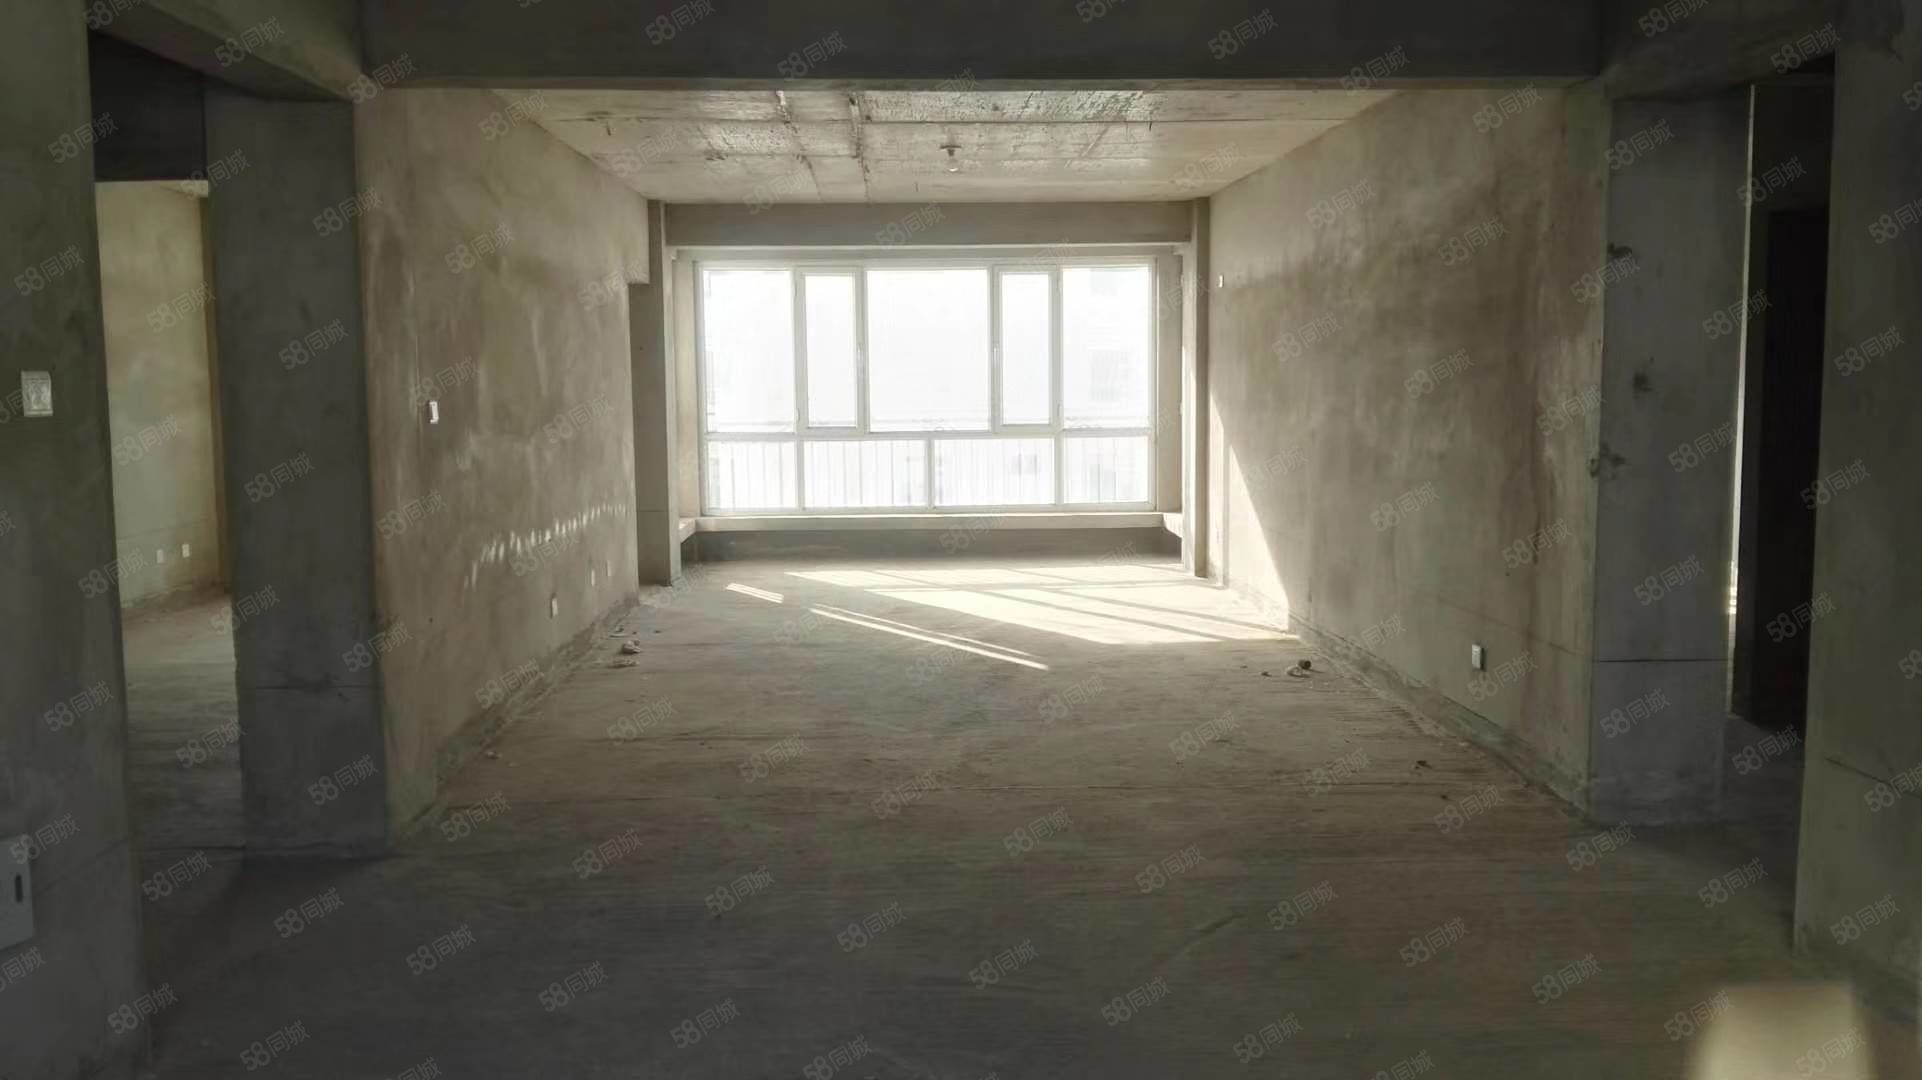 金裕景苑6楼,134.39平米,毛坯房,68.3万按揭